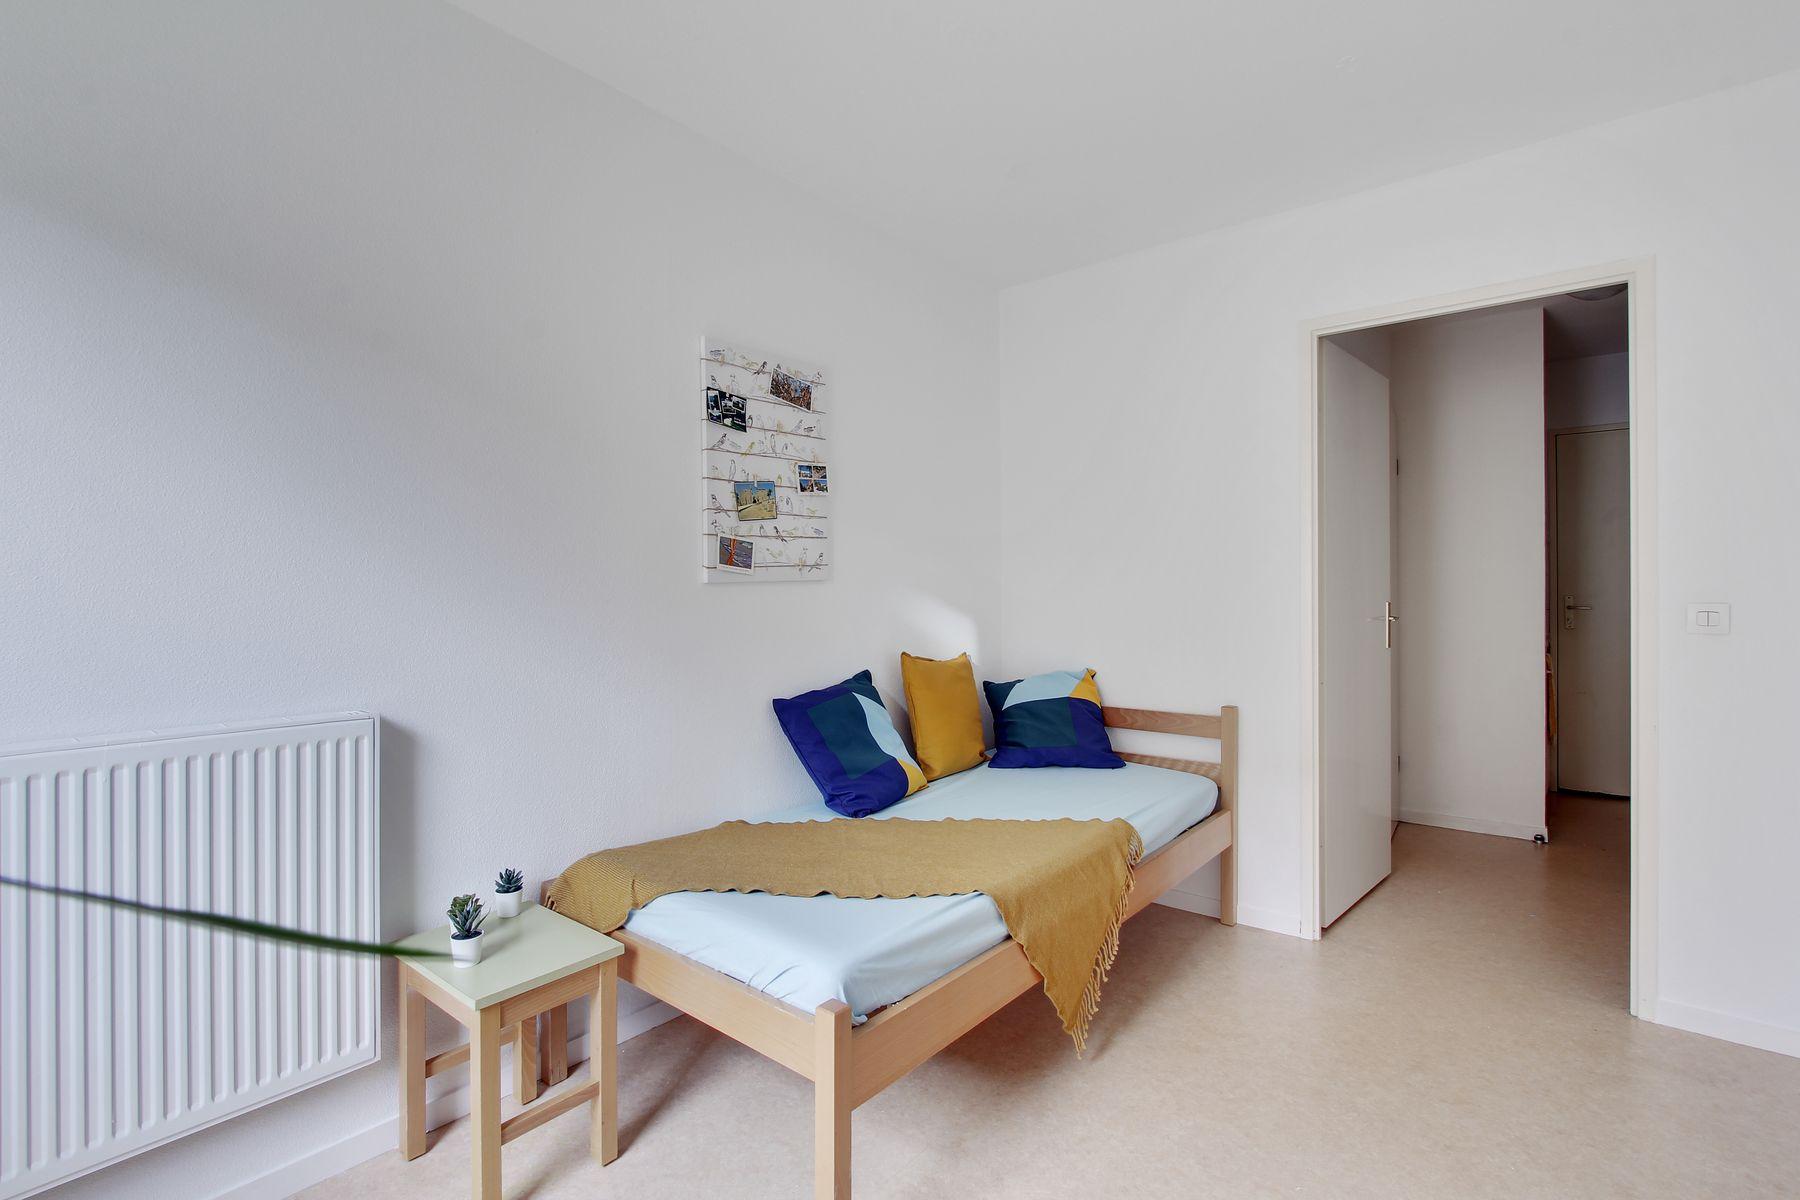 LOGIFAC résidence étudiante Bon temps Melun lit et coussins